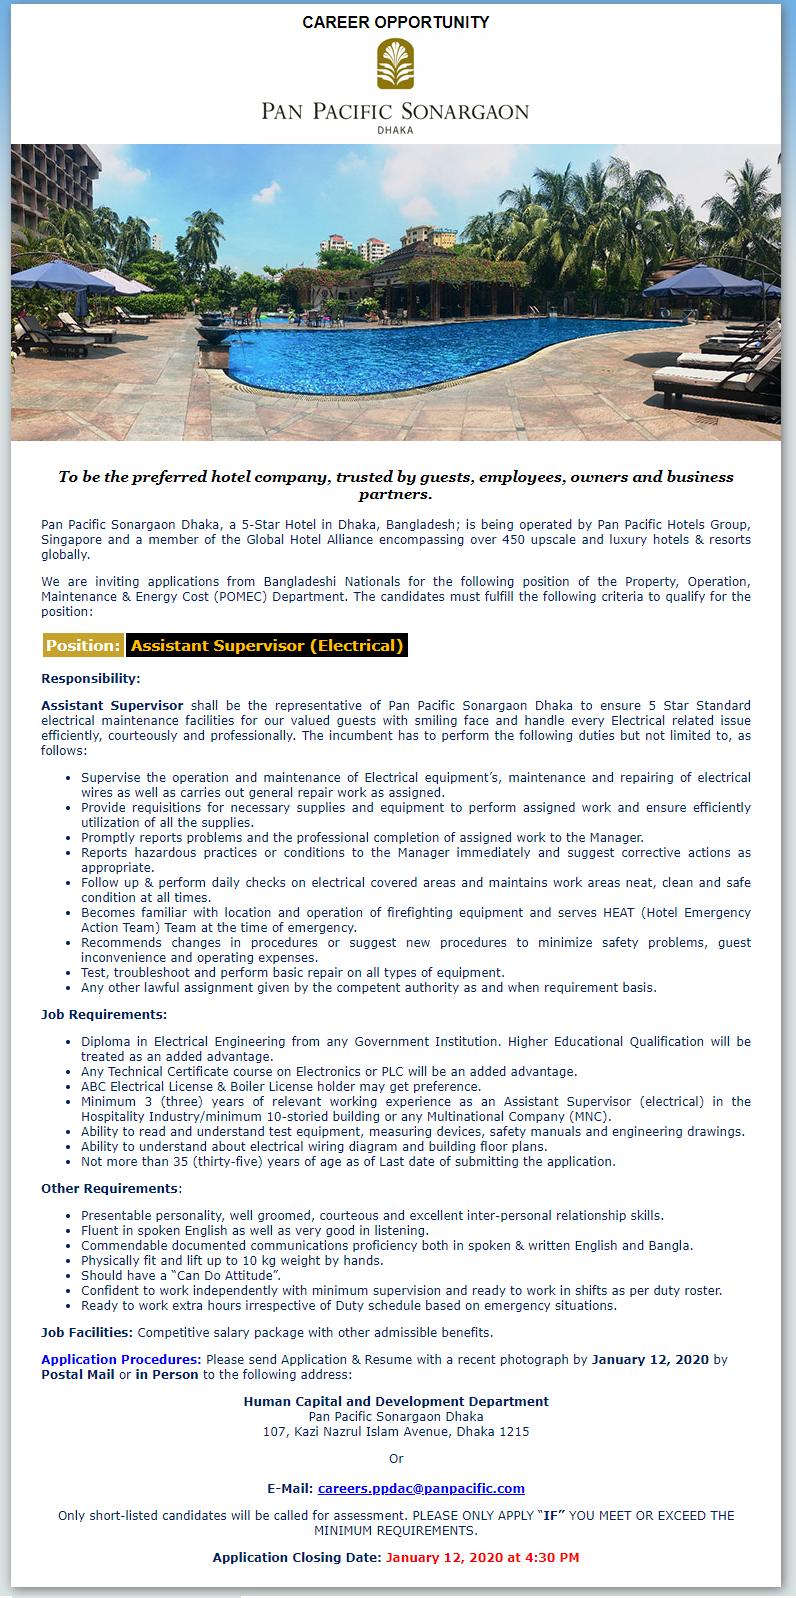 Pan Pacific Sonargaon Hotels and Resorts Job Circular 2020